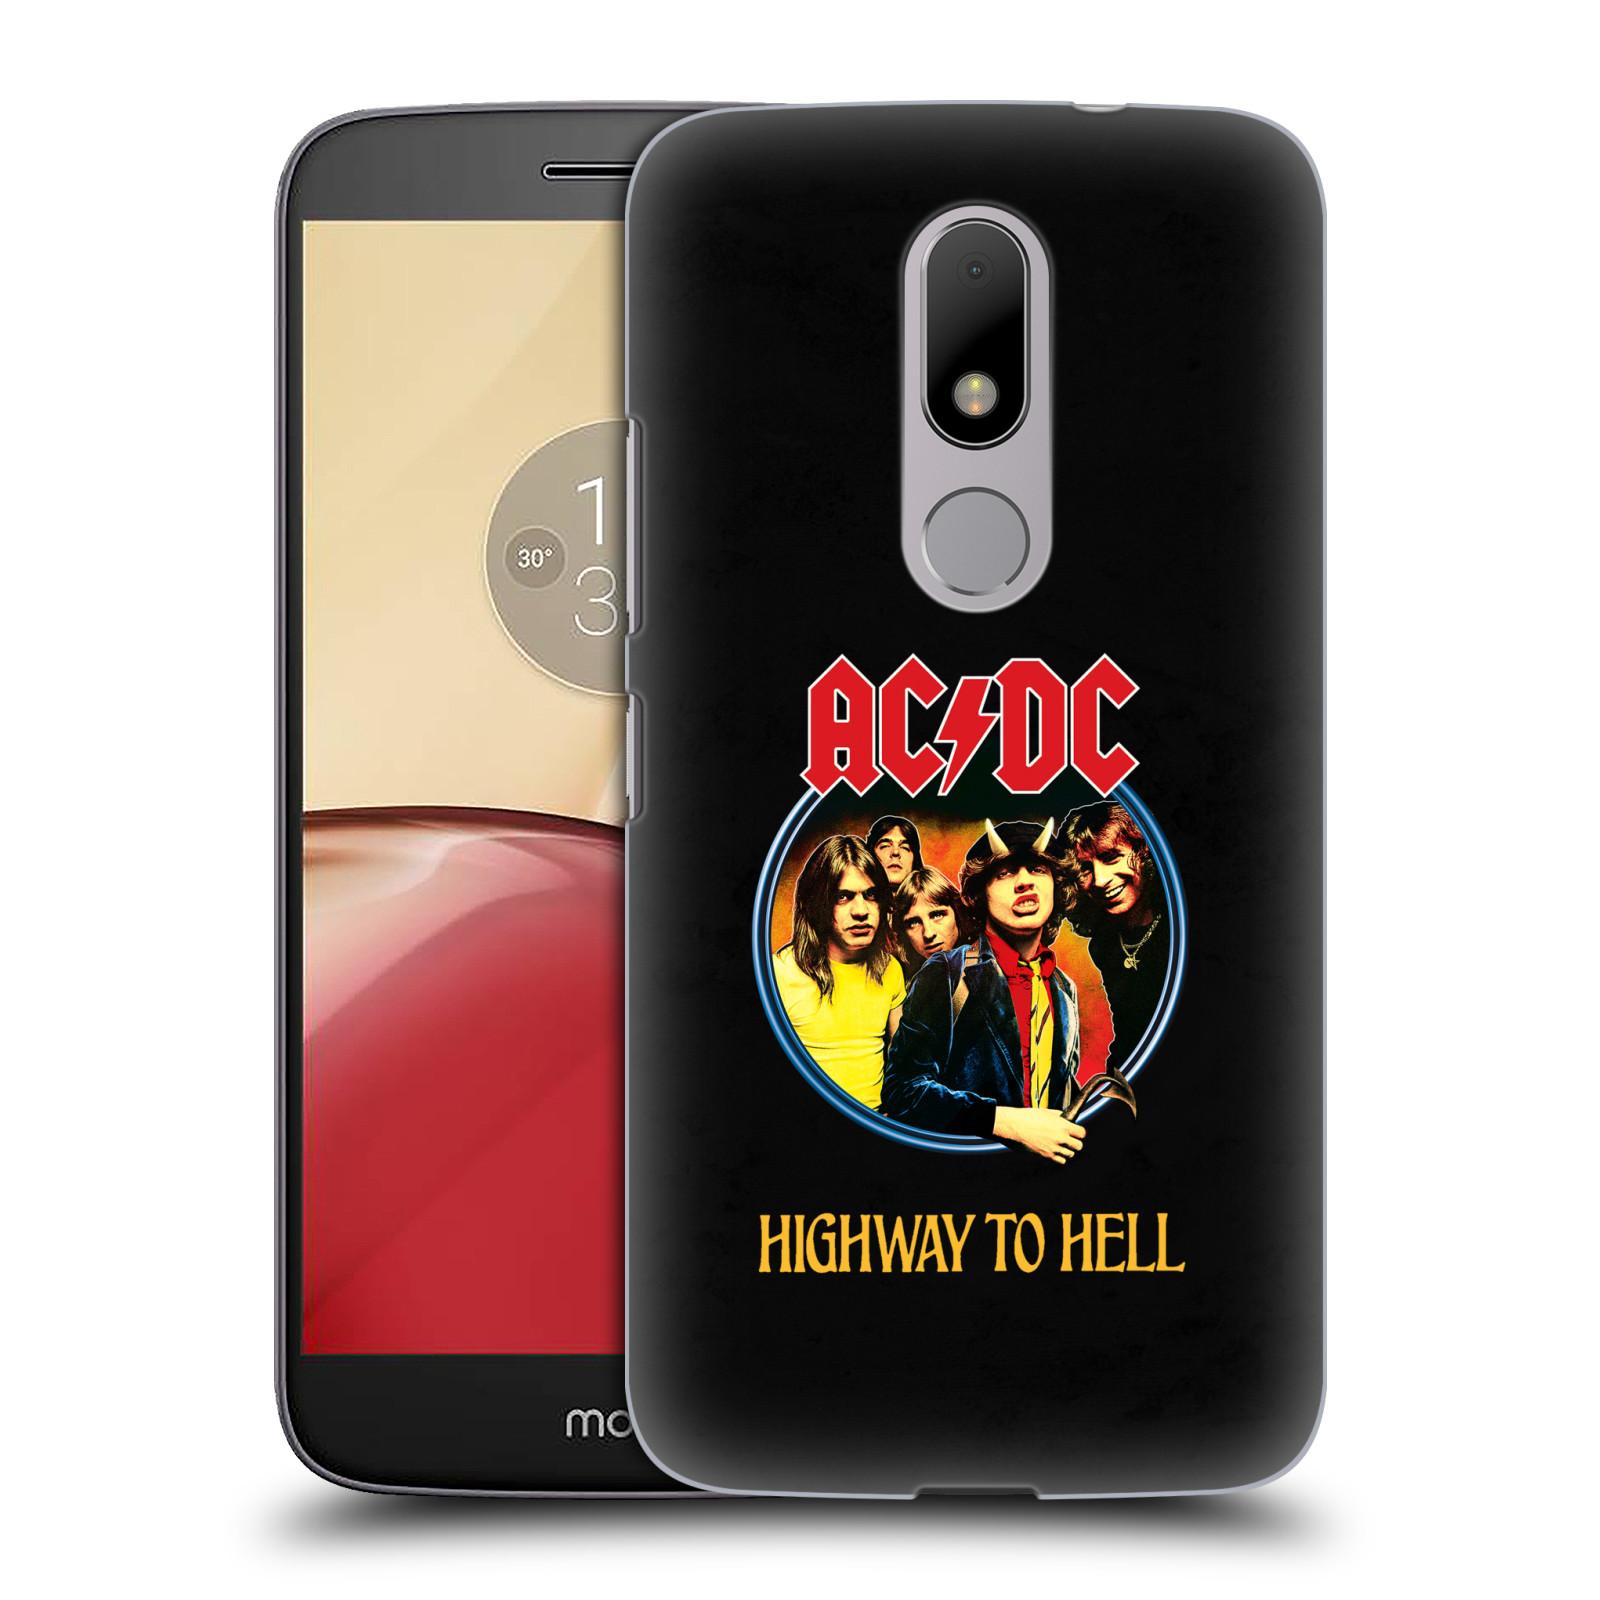 Plastové pouzdro na mobil Lenovo Moto M HEAD CASE AC/DC Highway to Hell (Plastový kryt či obal na mobilní telefon s oficiálním motivem australské skupiny AC/DC pro Lenovo (Motorola) Moto M / Moto M Dual SIM)